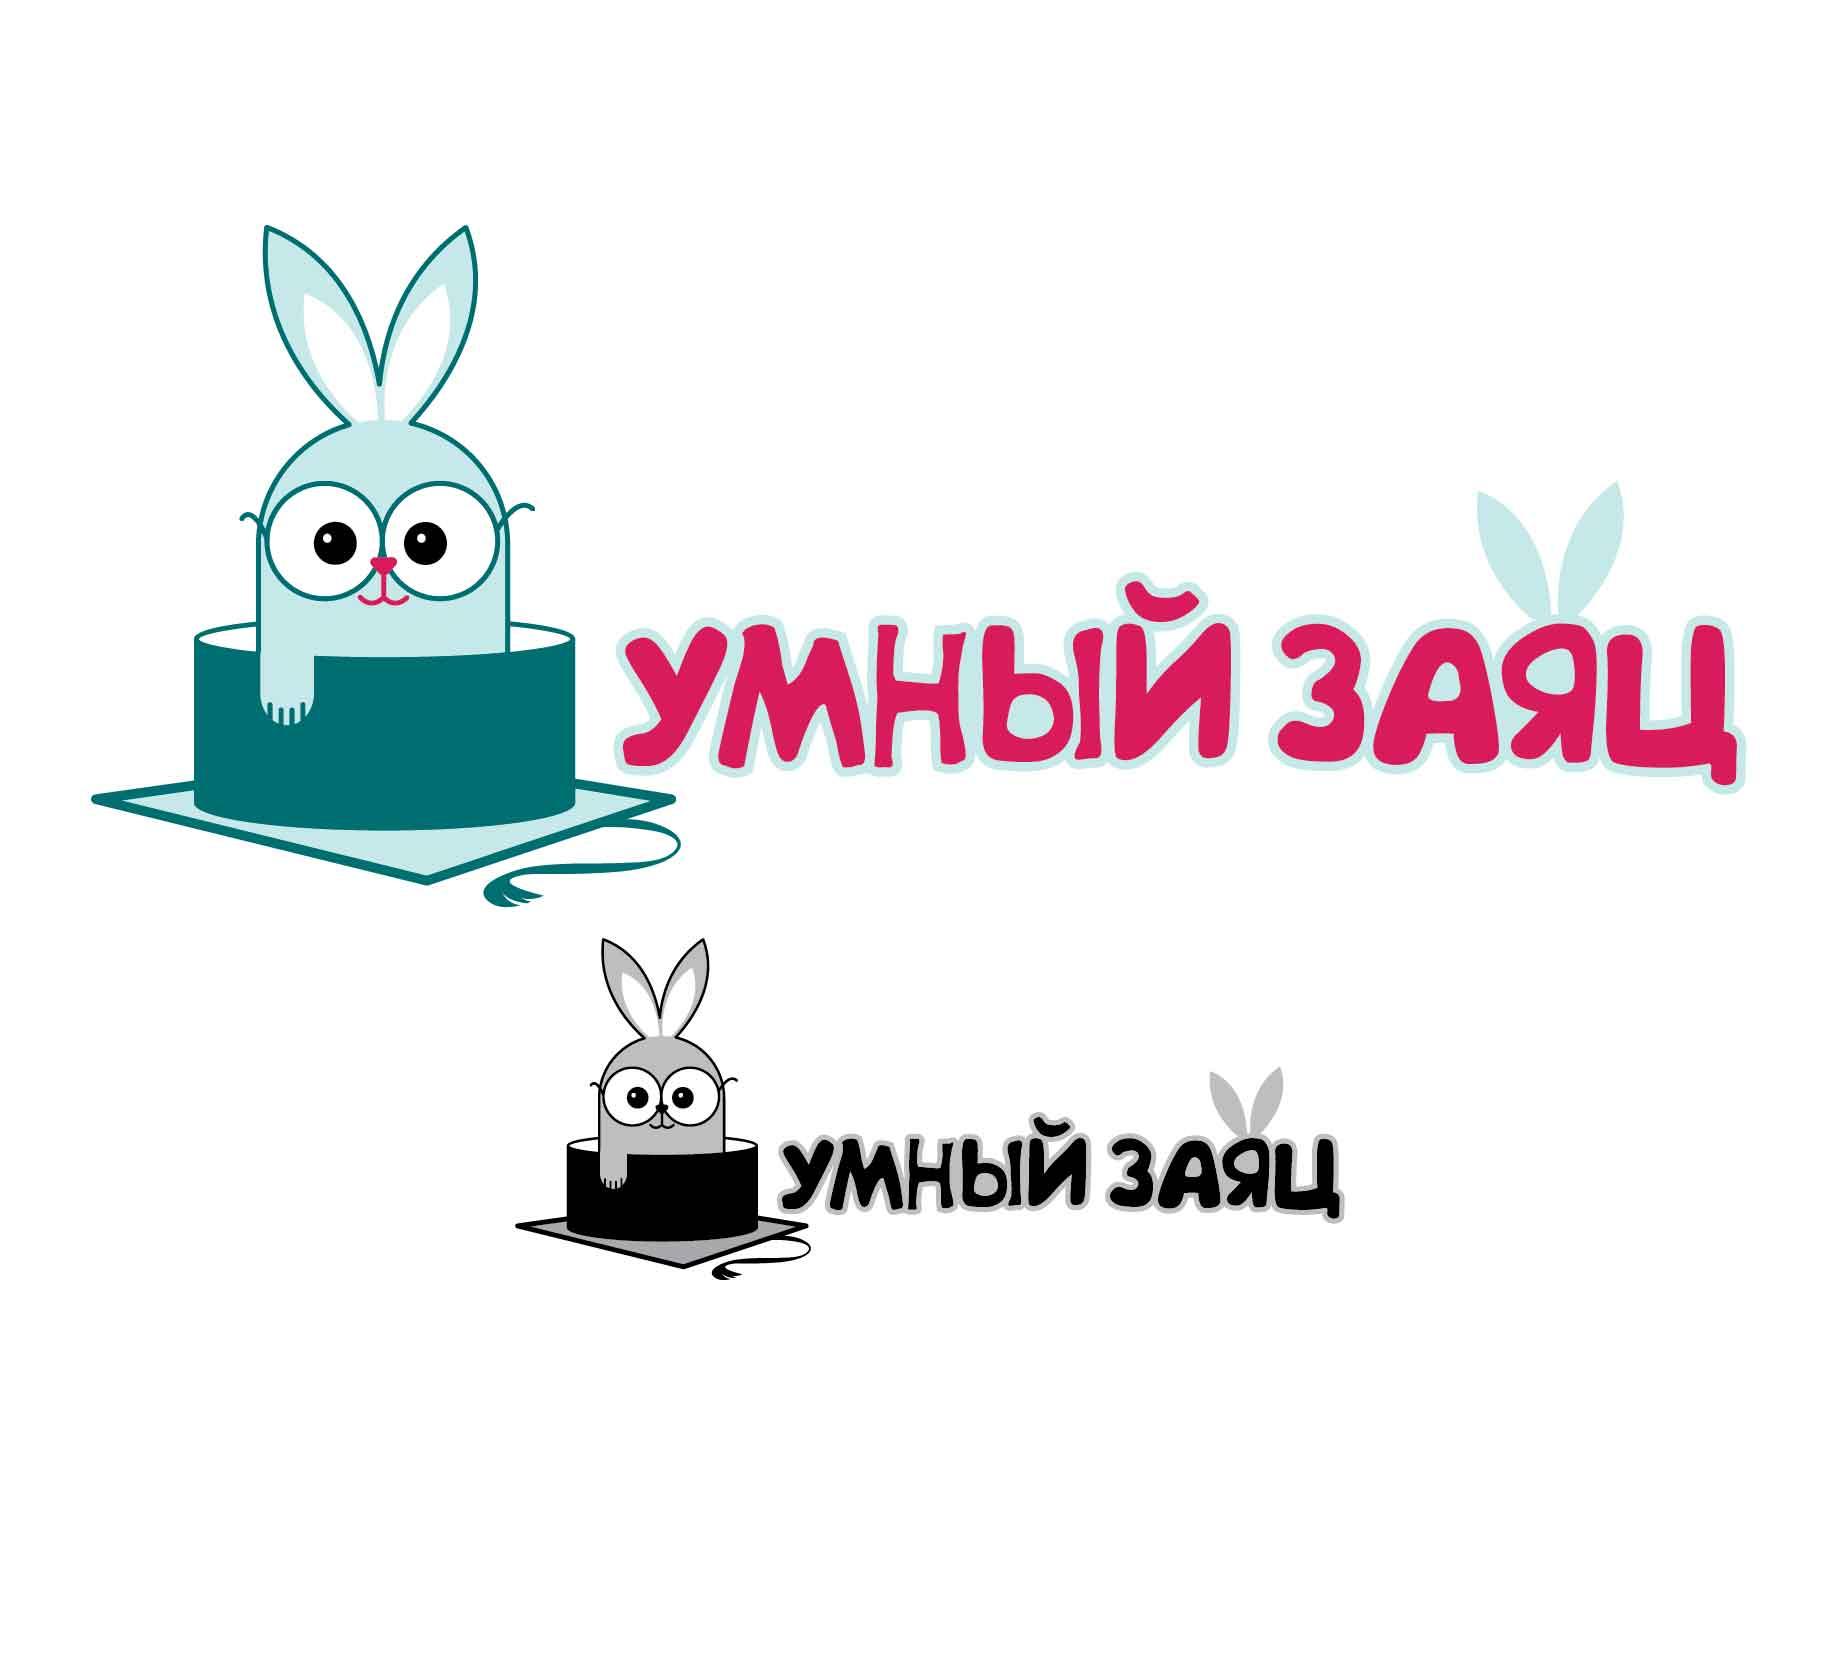 Разработать логотип и фирменный стиль детского клуба фото f_5265551fa4a3c2c7.jpg